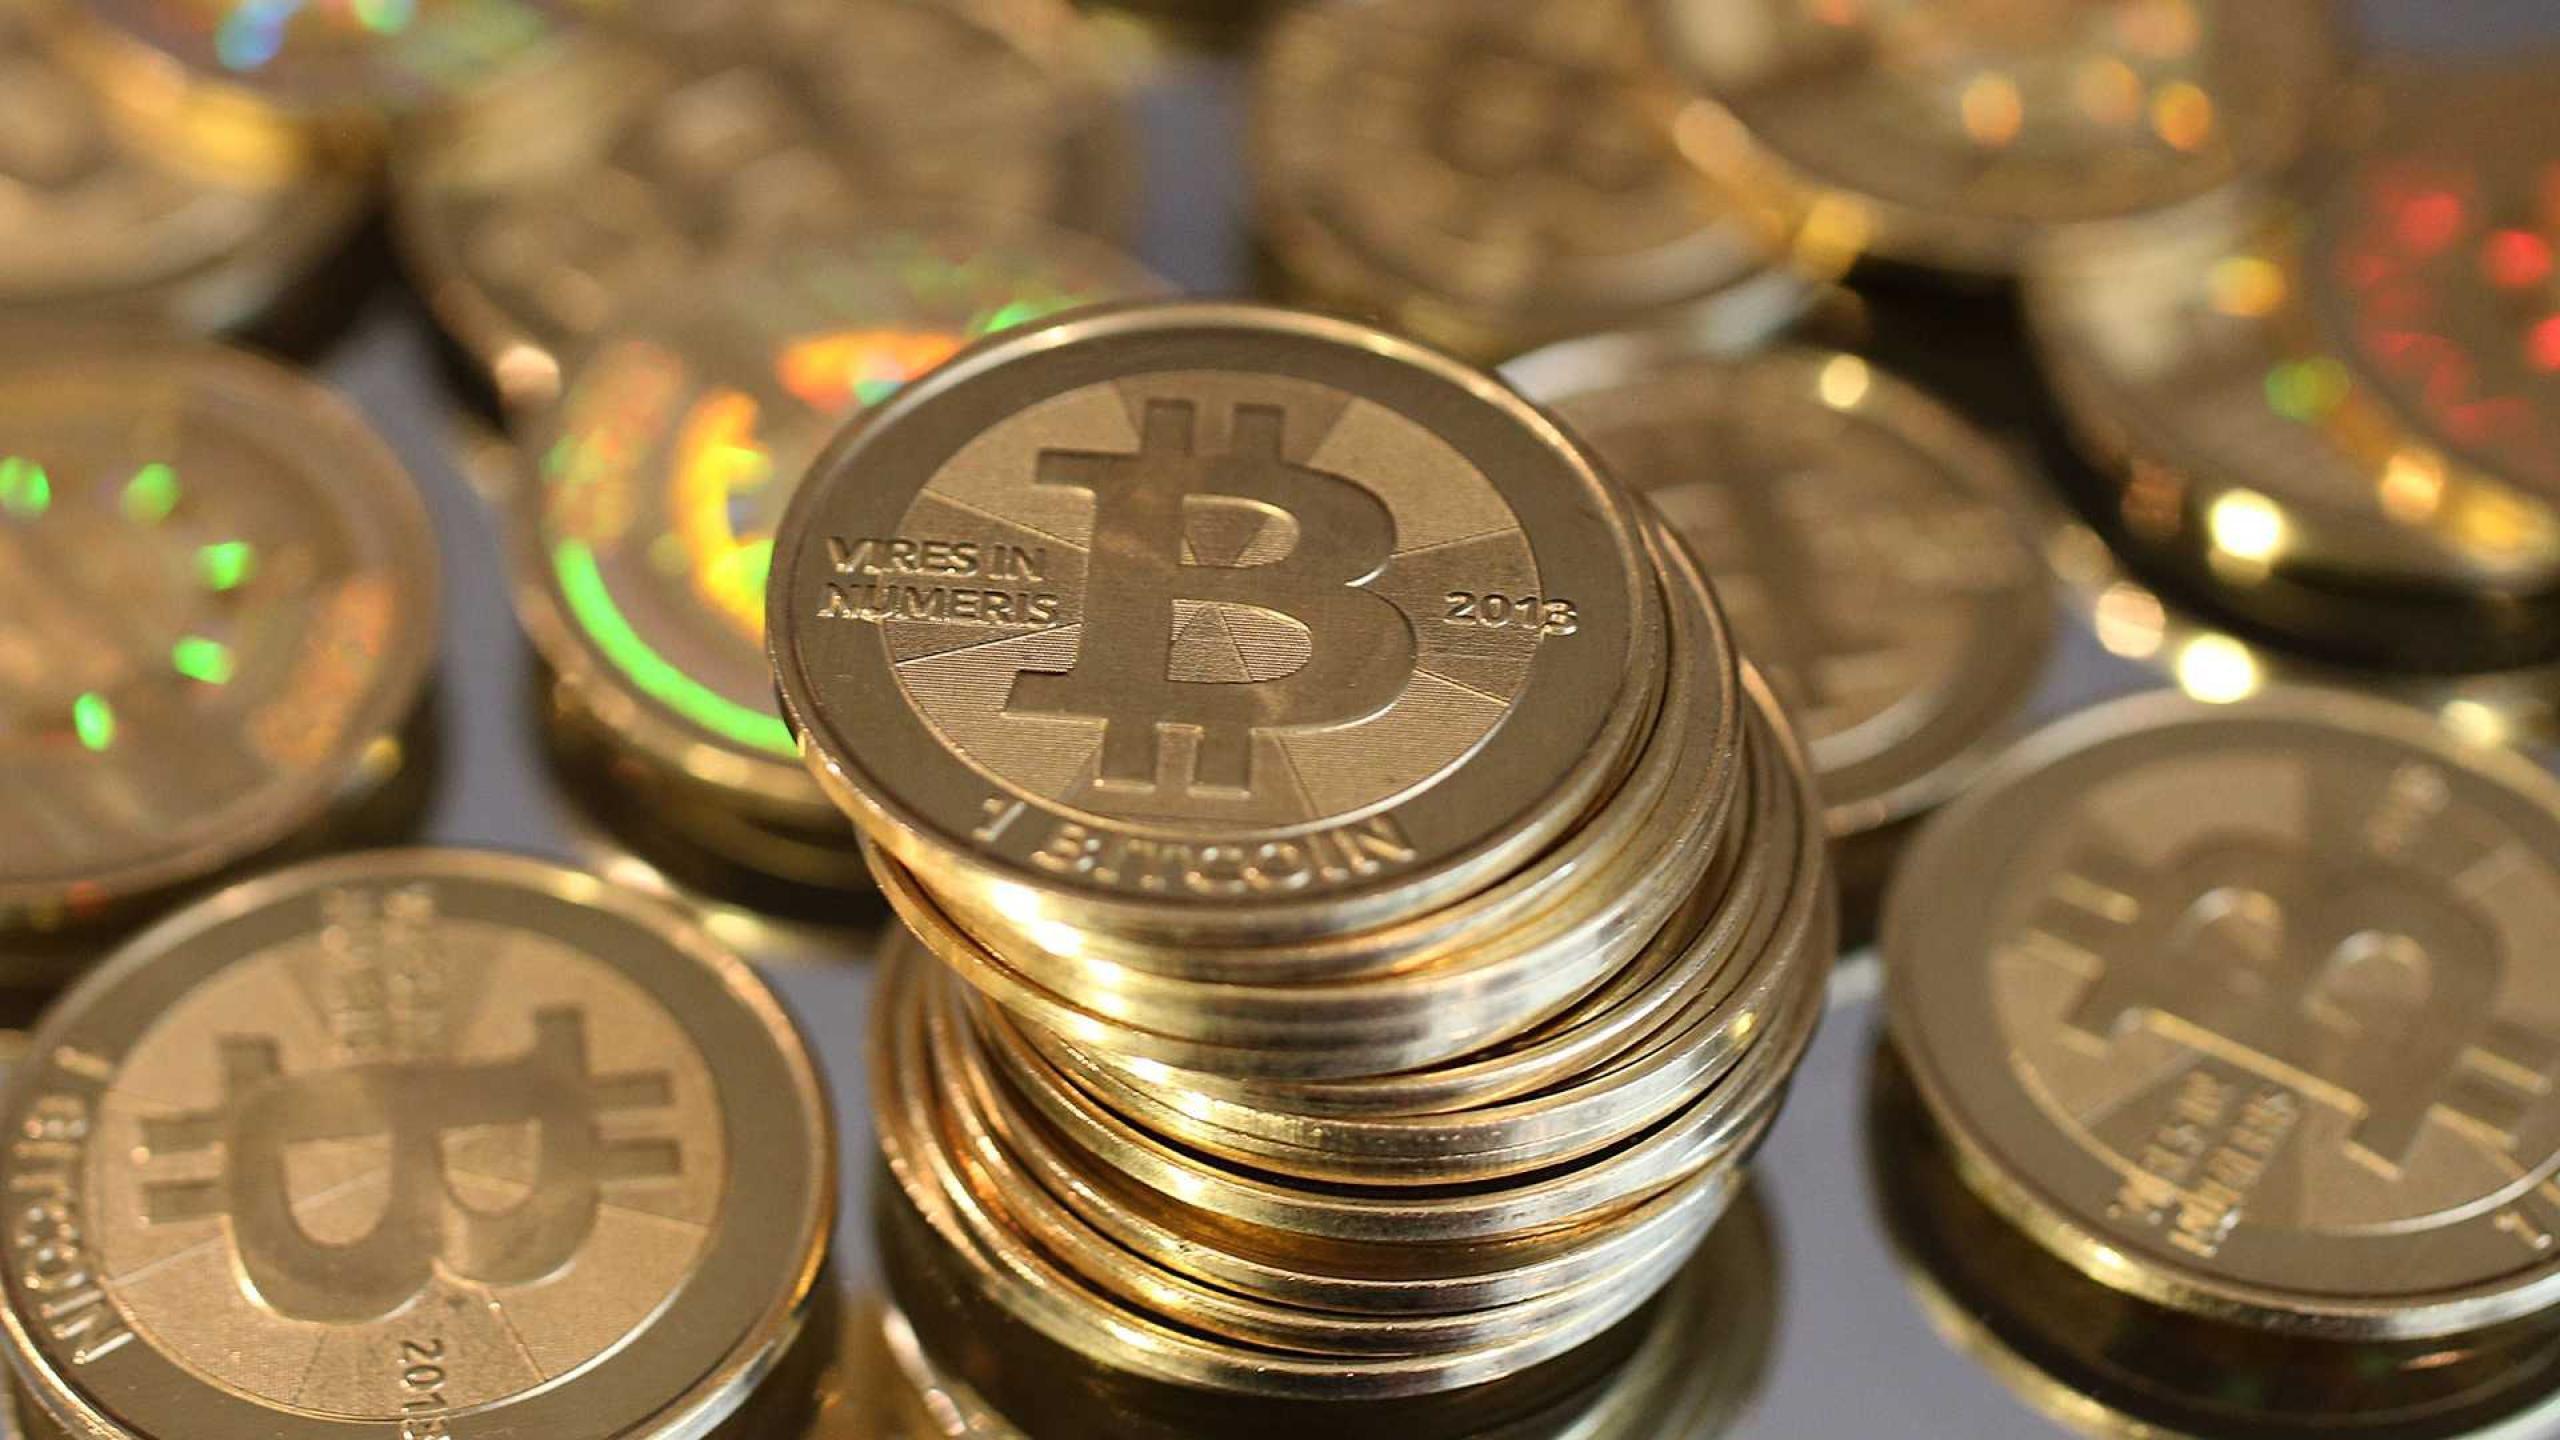 Bitcoin Coins IRL 2560x1440